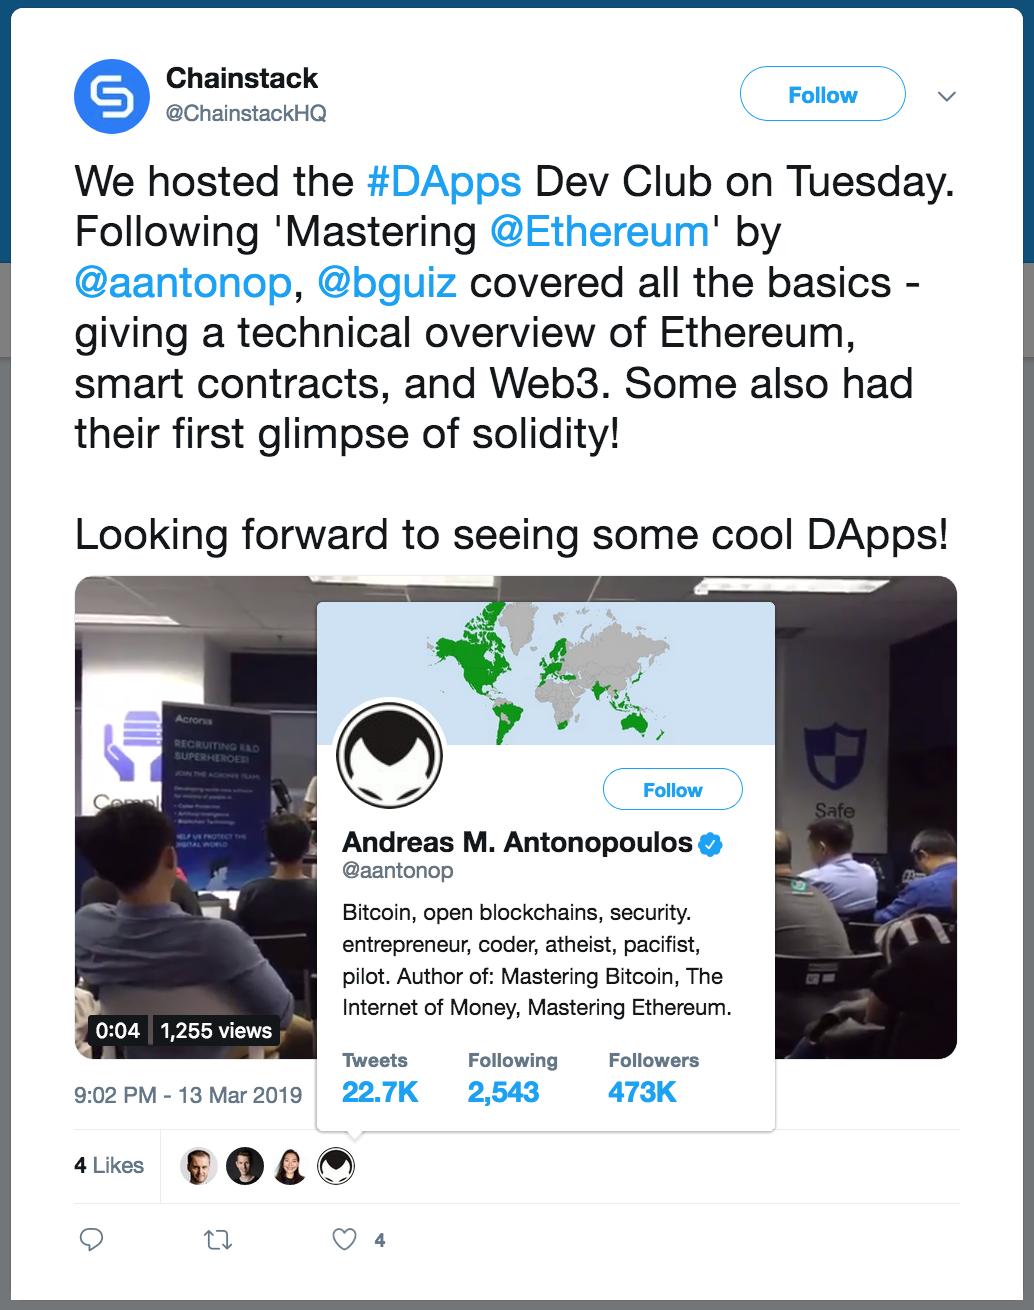 S01E05 - DApps Dev Club